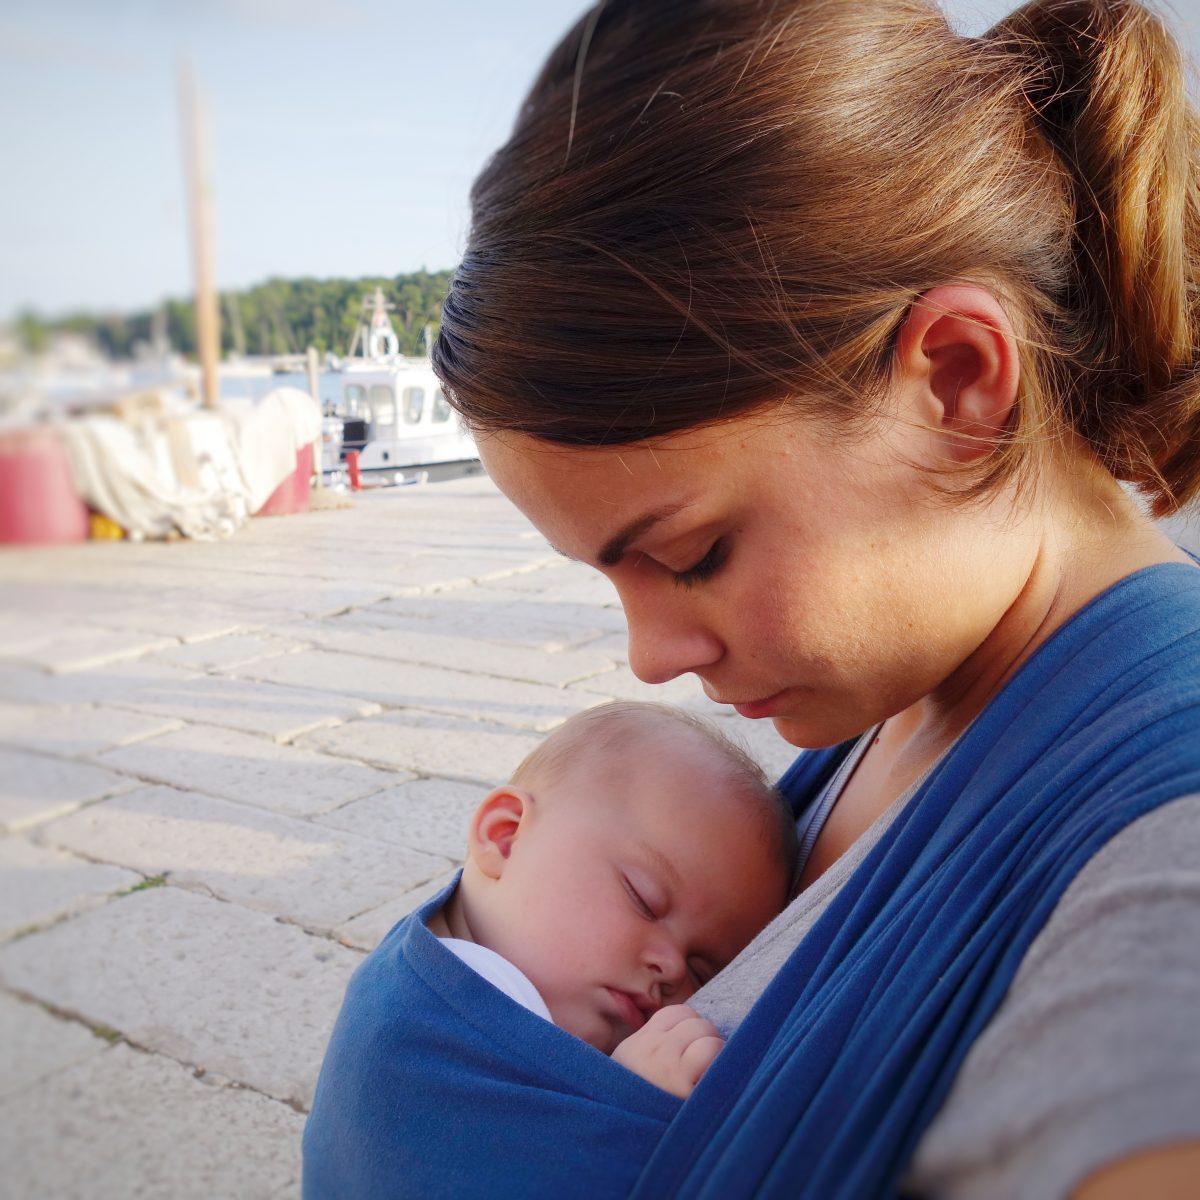 Geburtsvorbereitung, Wochenbettbetreuung, Hebamme, Wochenbett, Stillen